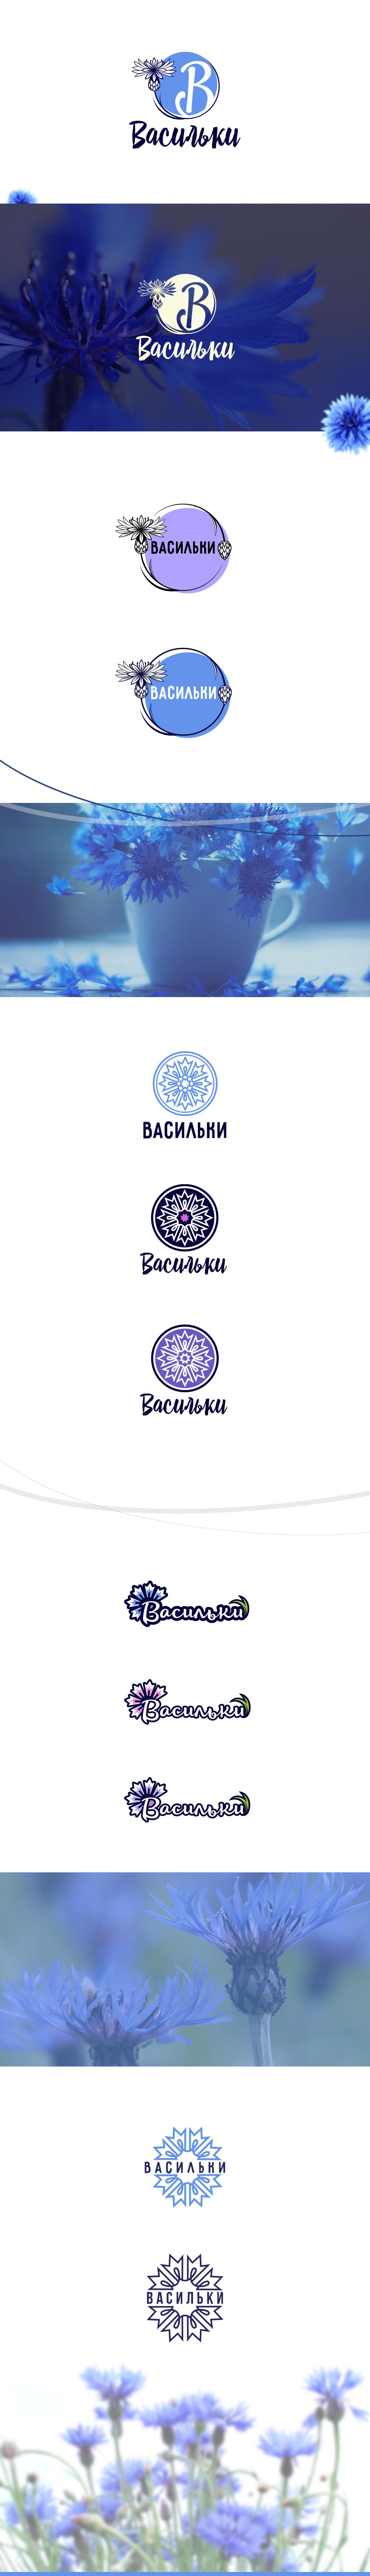 Васильки - кафе